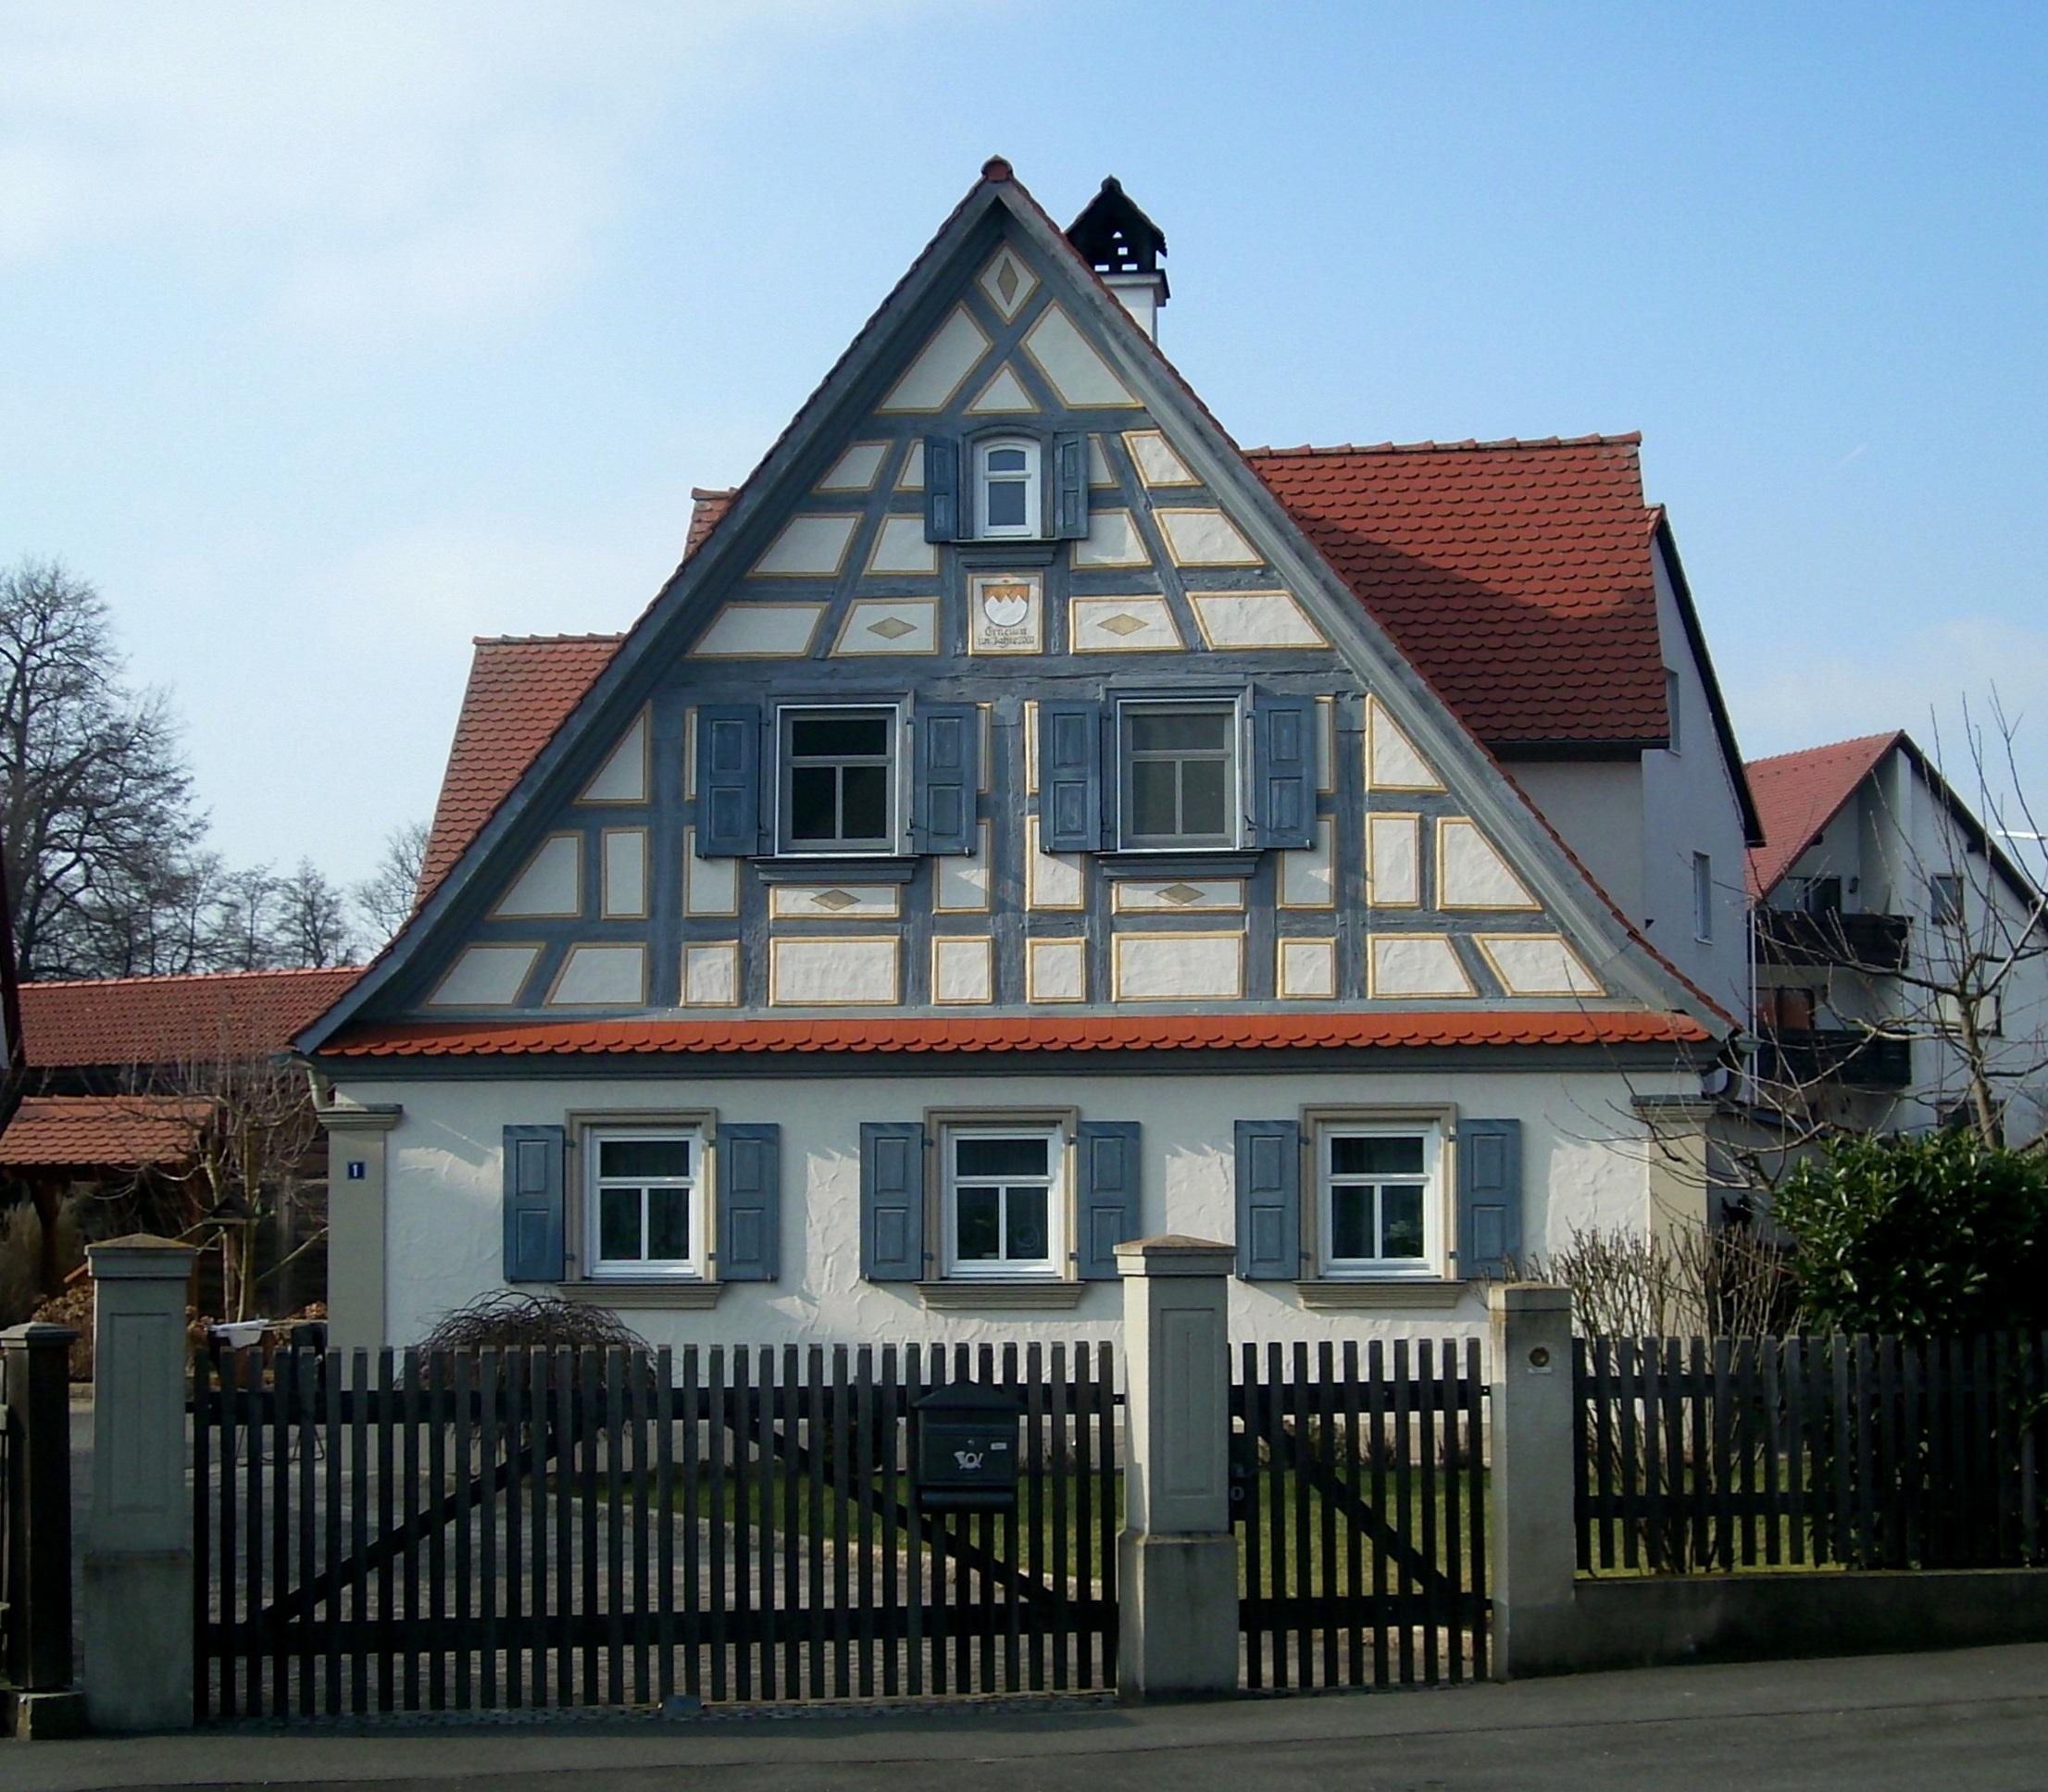 Kostenlose foto : die Architektur, Holz, Haus, Fenster, Dach ...